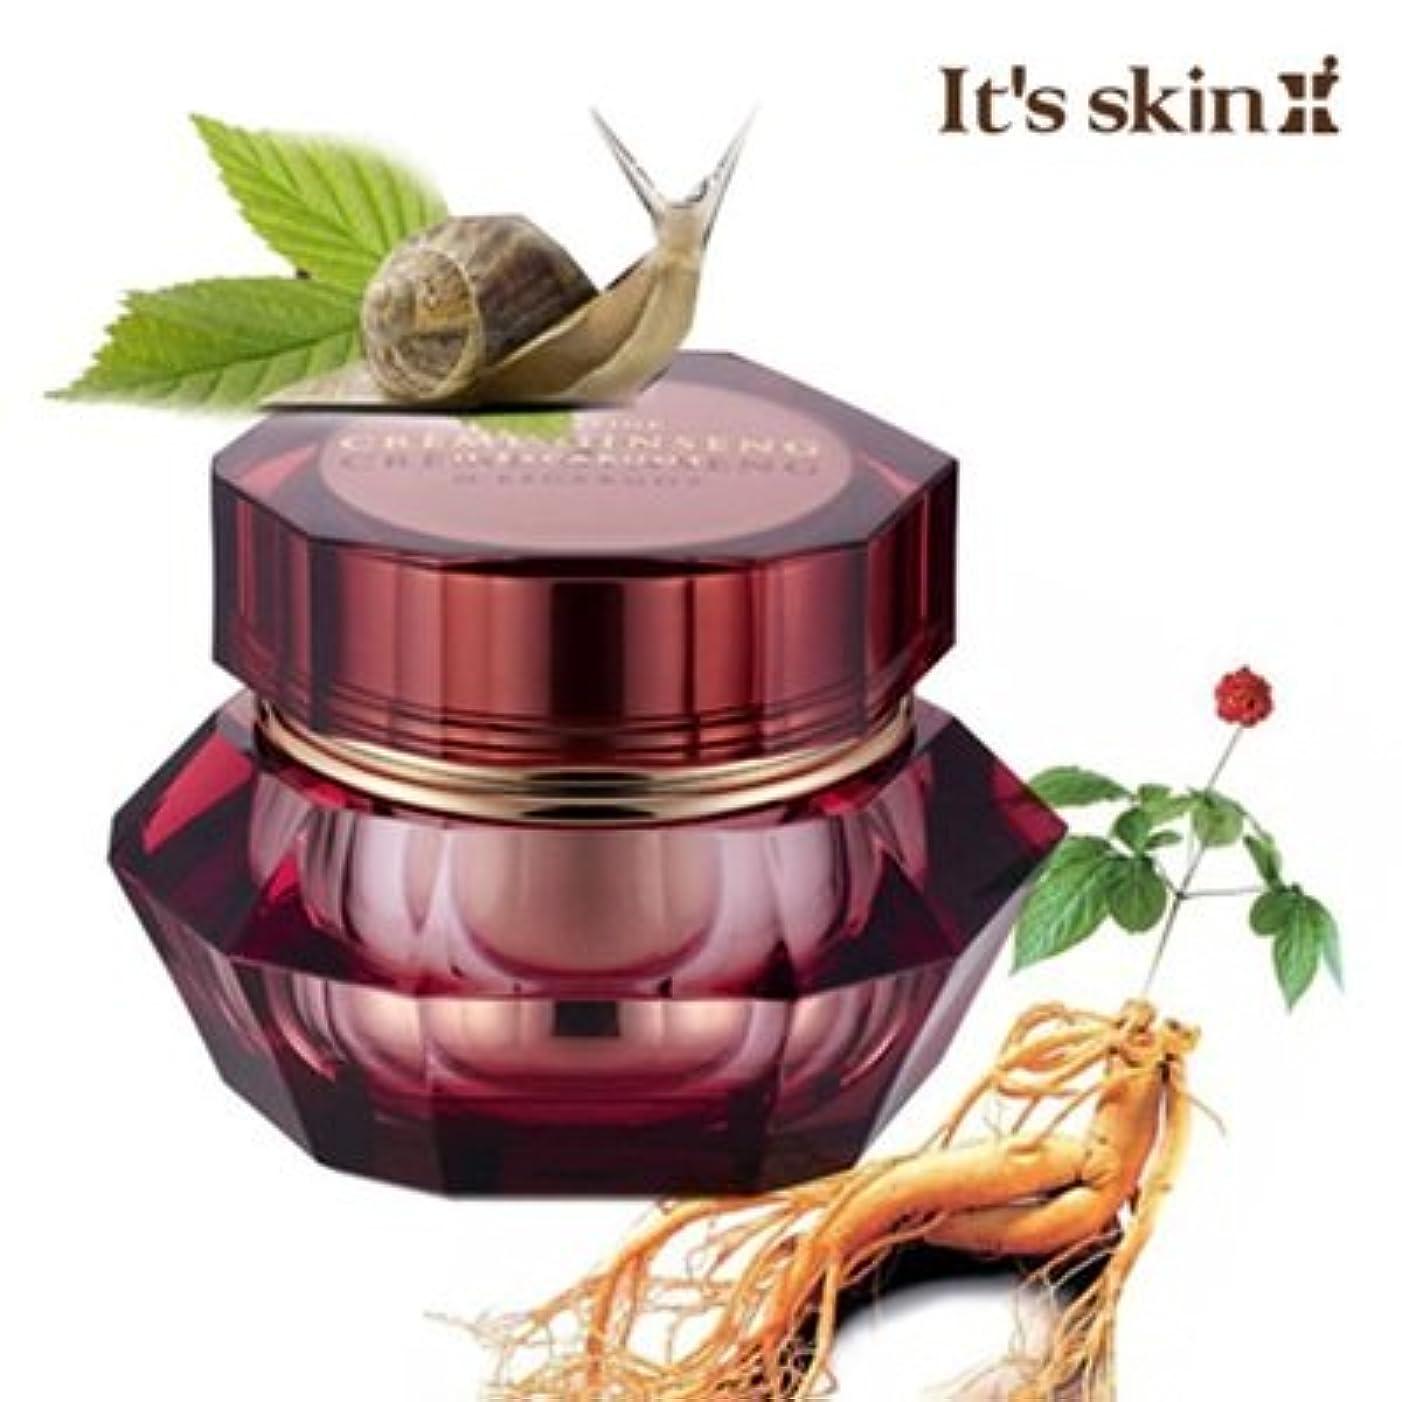 悪性腫瘍特性ストロークIts skin/イッツスキン PRESTIGE Crème Ginseng Descargotプレステージ クリーム ジンセン デスカルゴ 1本 Honest Skin 海外直送品